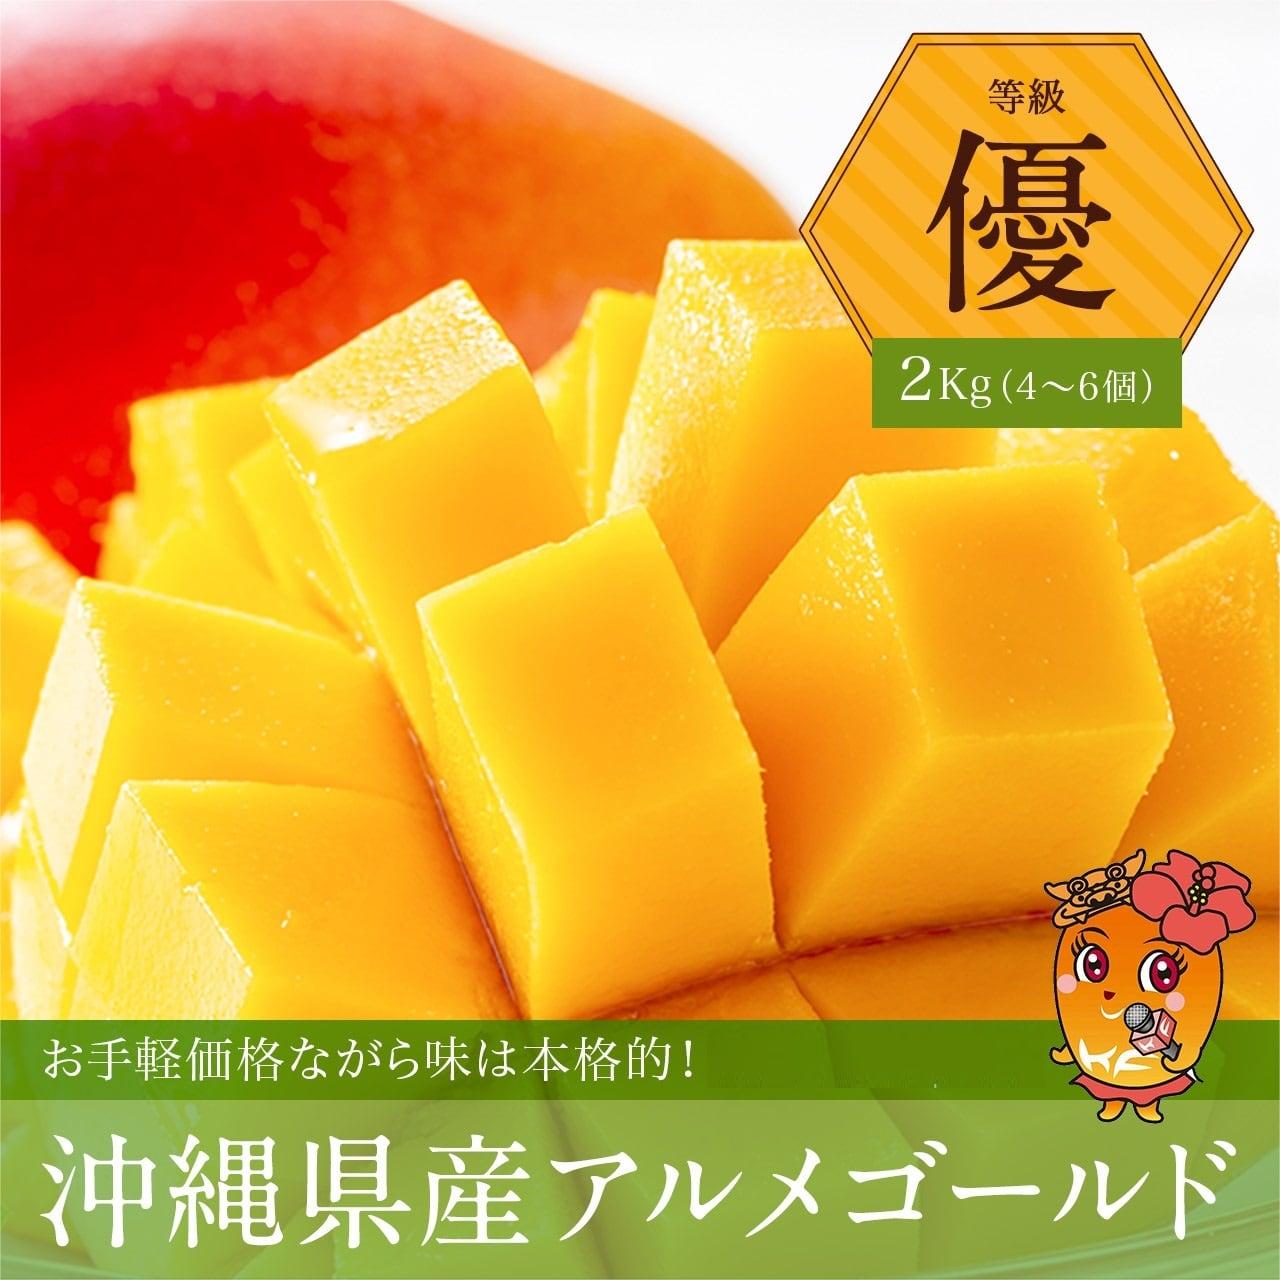 【優品2㎏】沖縄県産アルメゴールド(アップルマンゴー4~6玉)